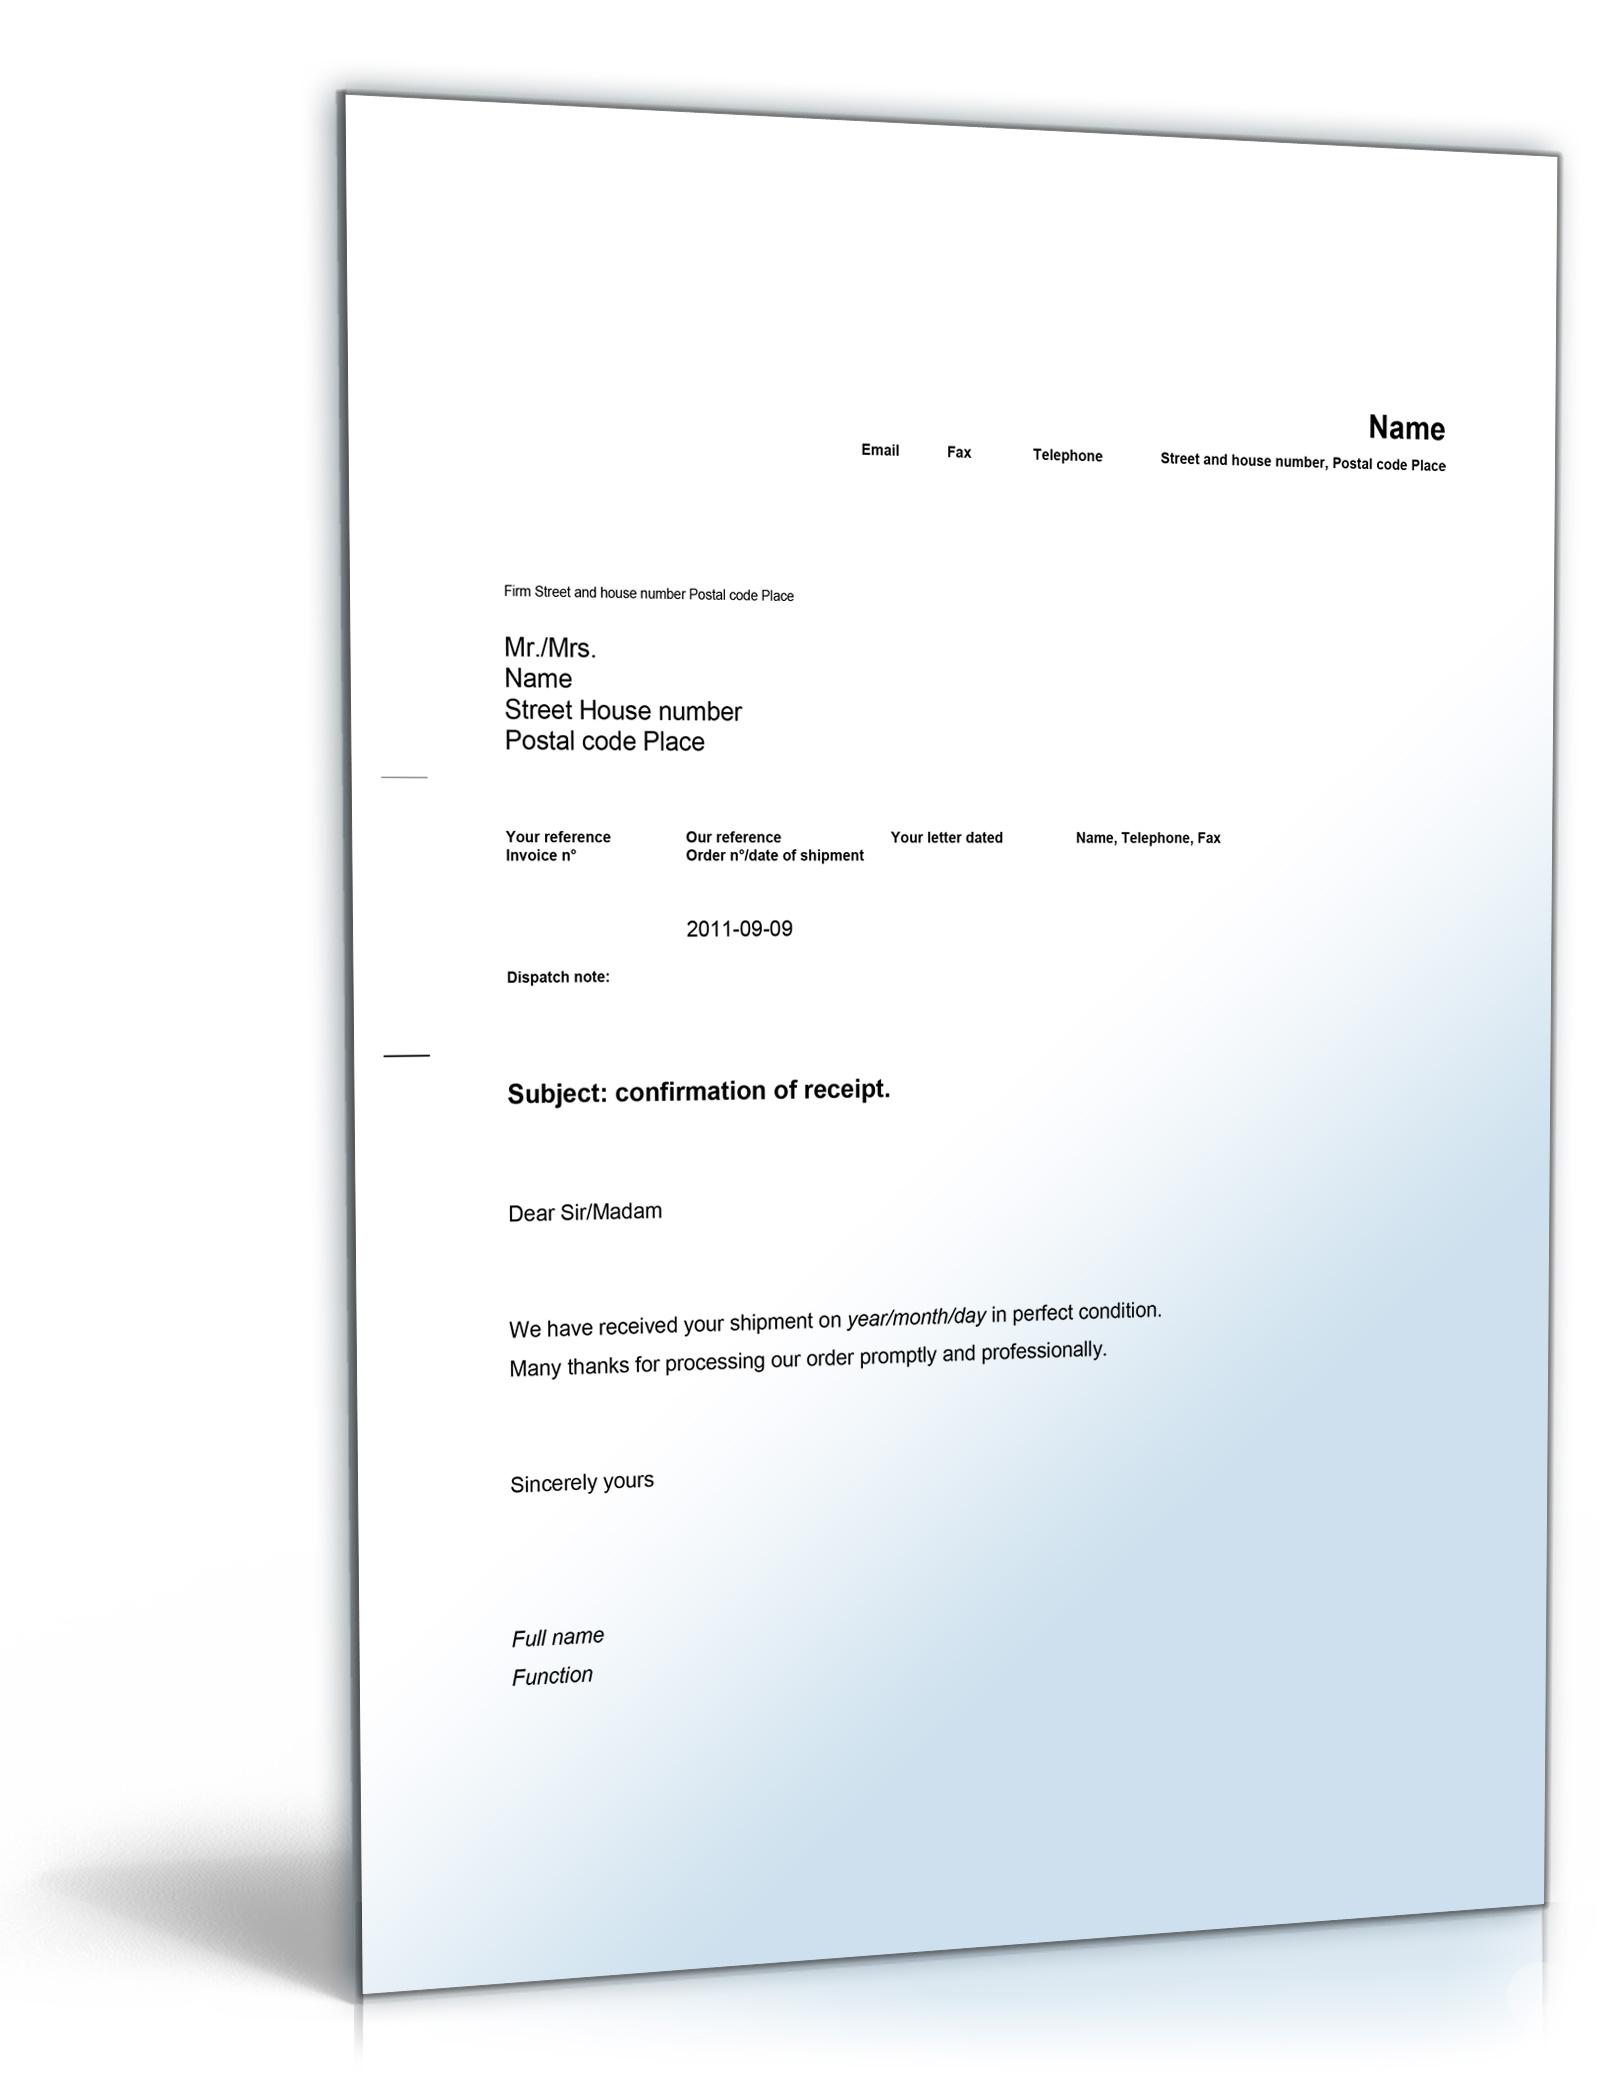 Empfangsbestätigung auf Englisch: Confirmation of receipt [Word ...